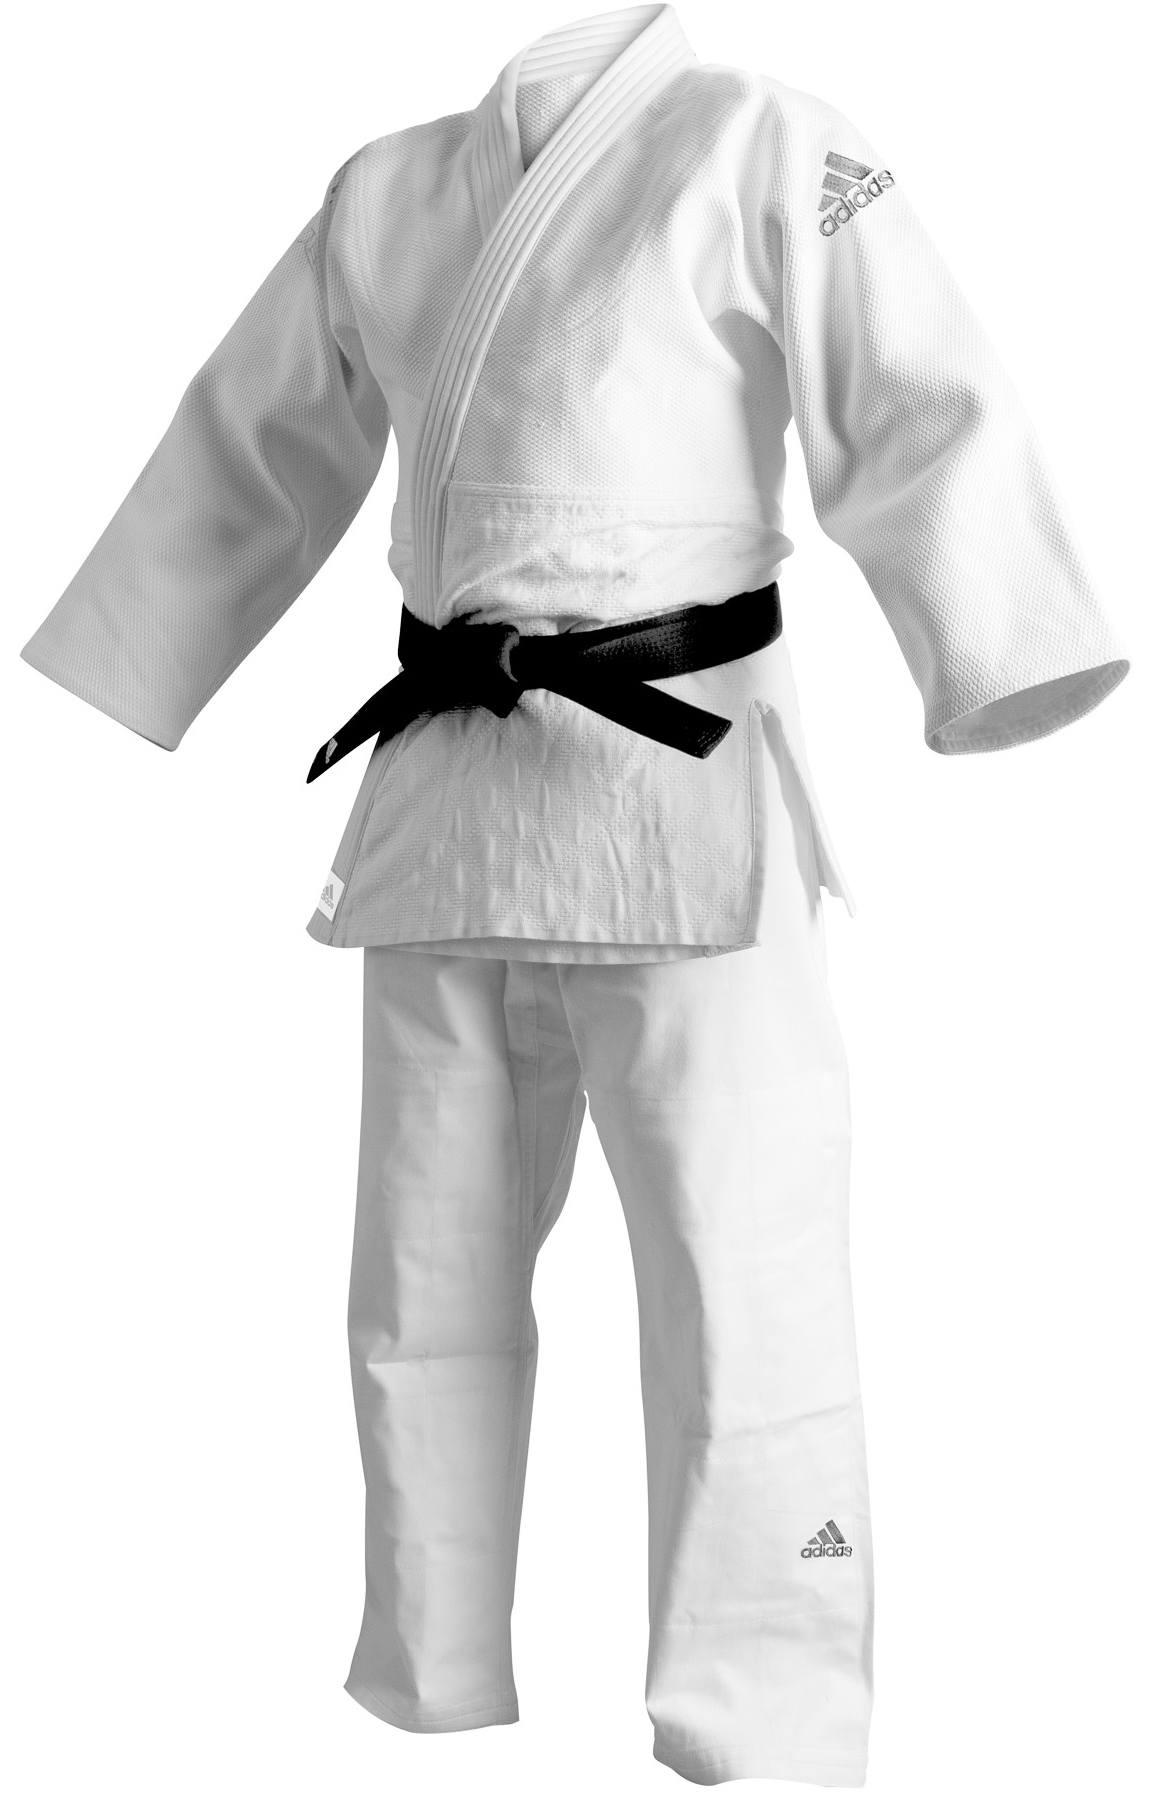 Adidas Millenium Judopak maat 165